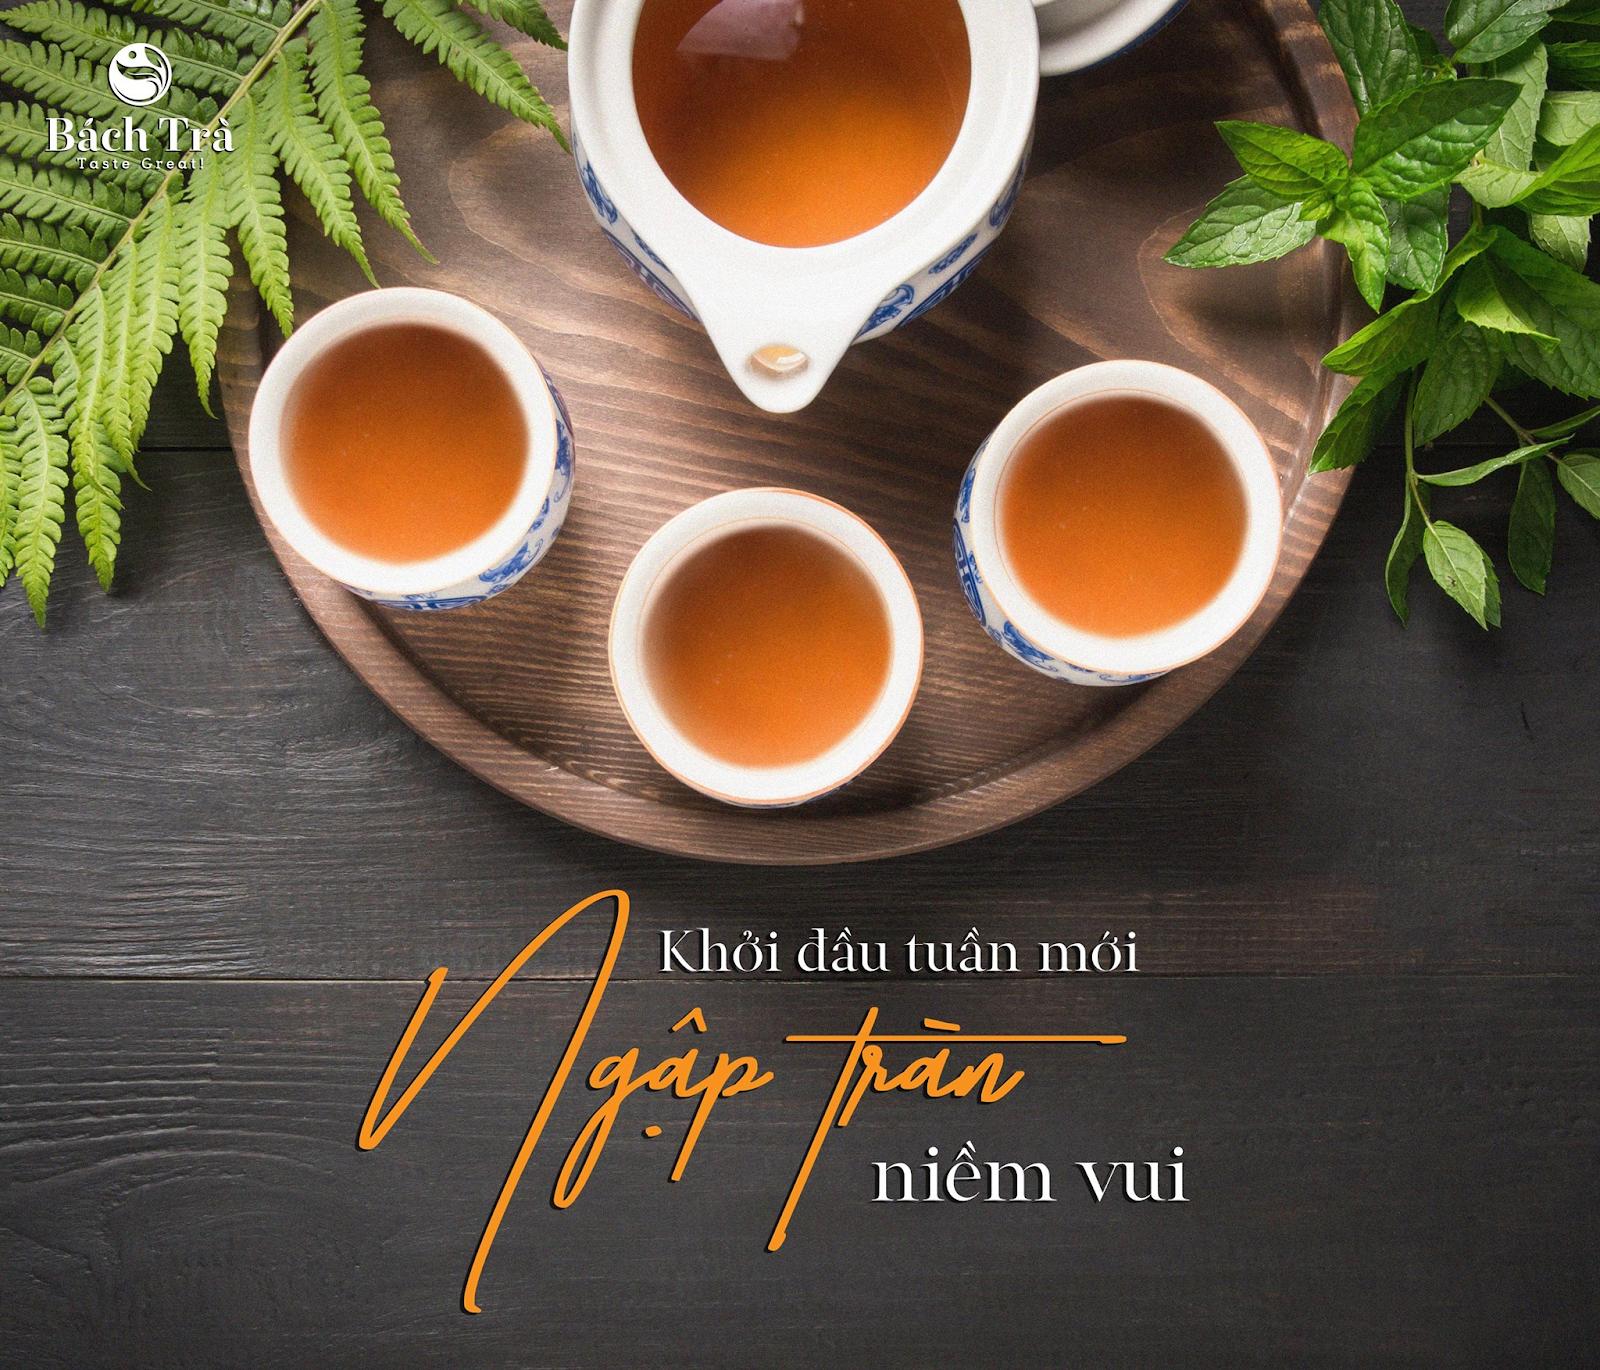 (Hồng trà là loại trà được nhiều người yêu thích)